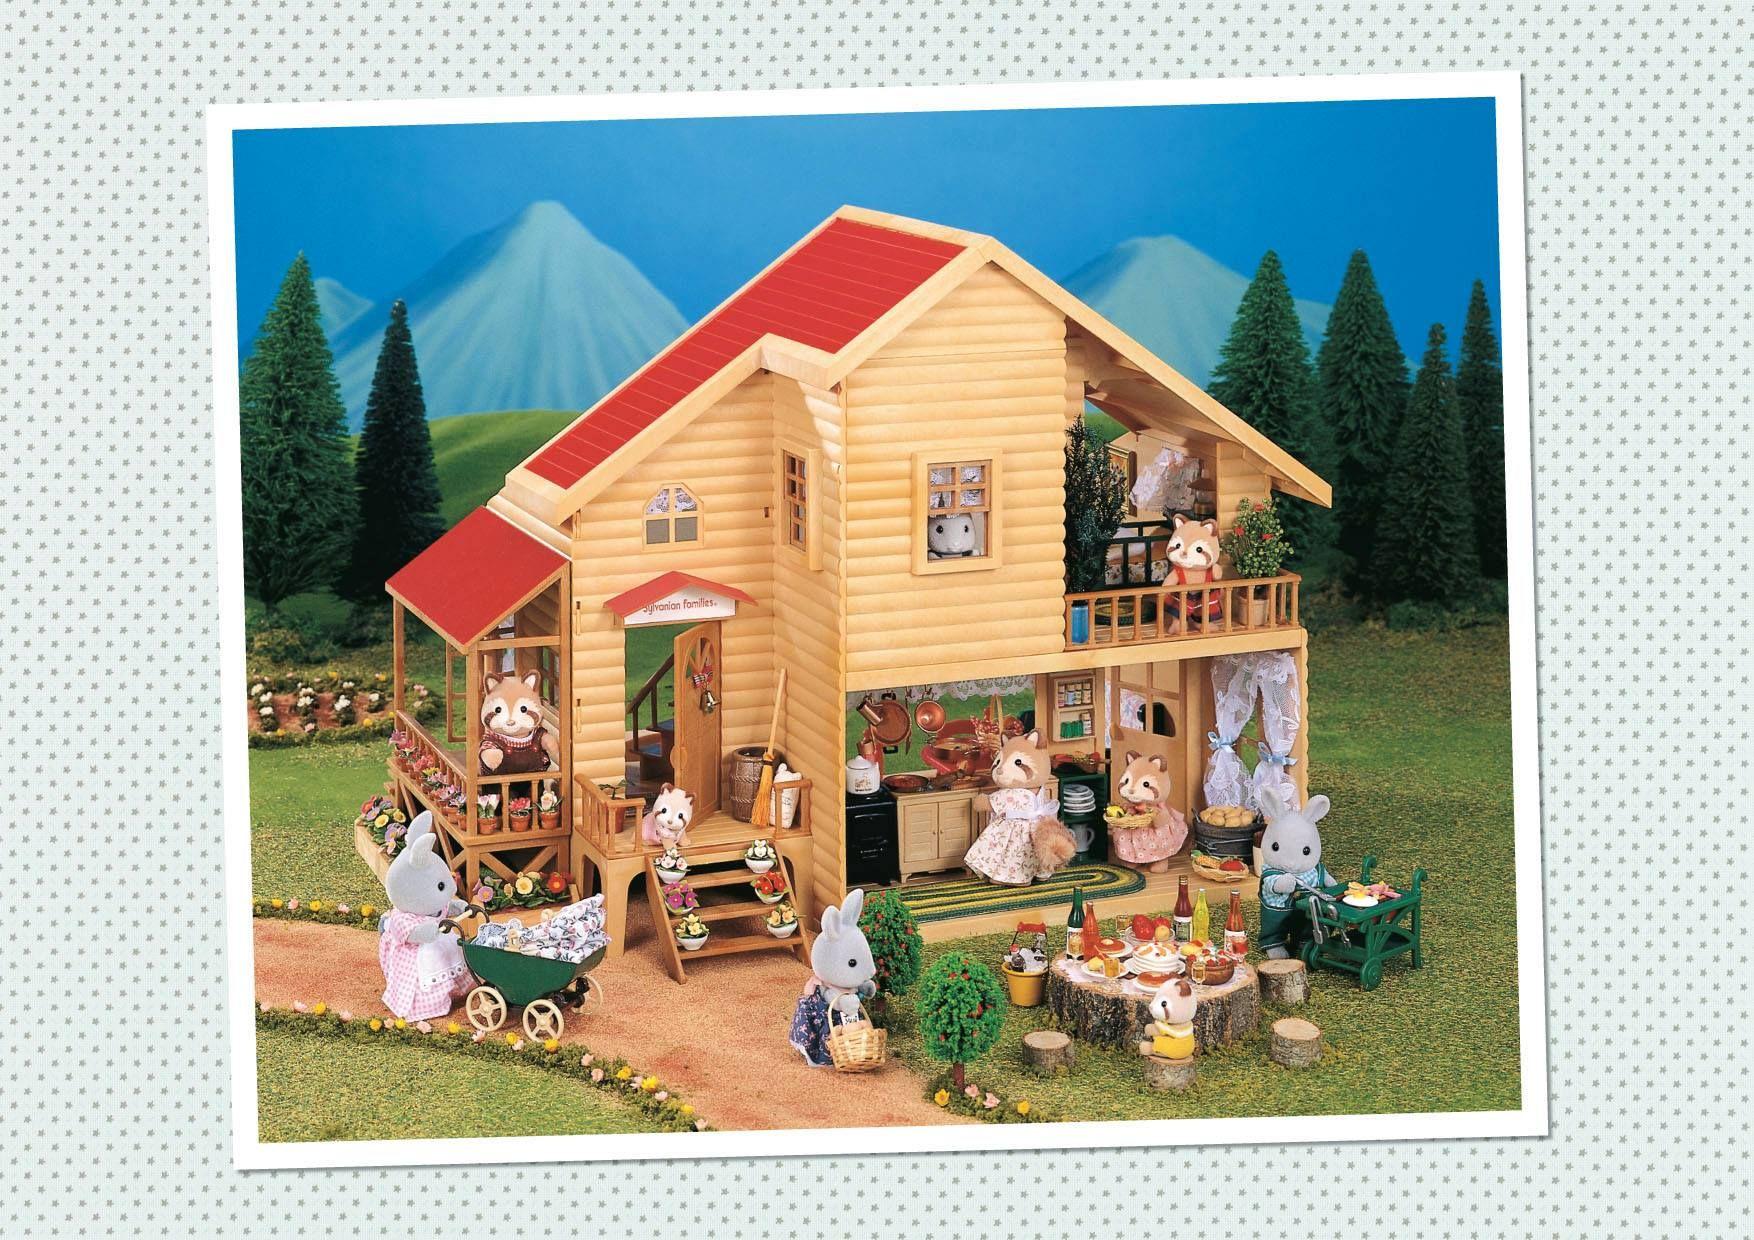 1995 Les Sylvanian Families Fêtent Leurs 10 Ans A L Occasion De Leurs 10ème Anniversaire Les Sylvanian Families Con Mobilier De Salon Anniversaire Cocon